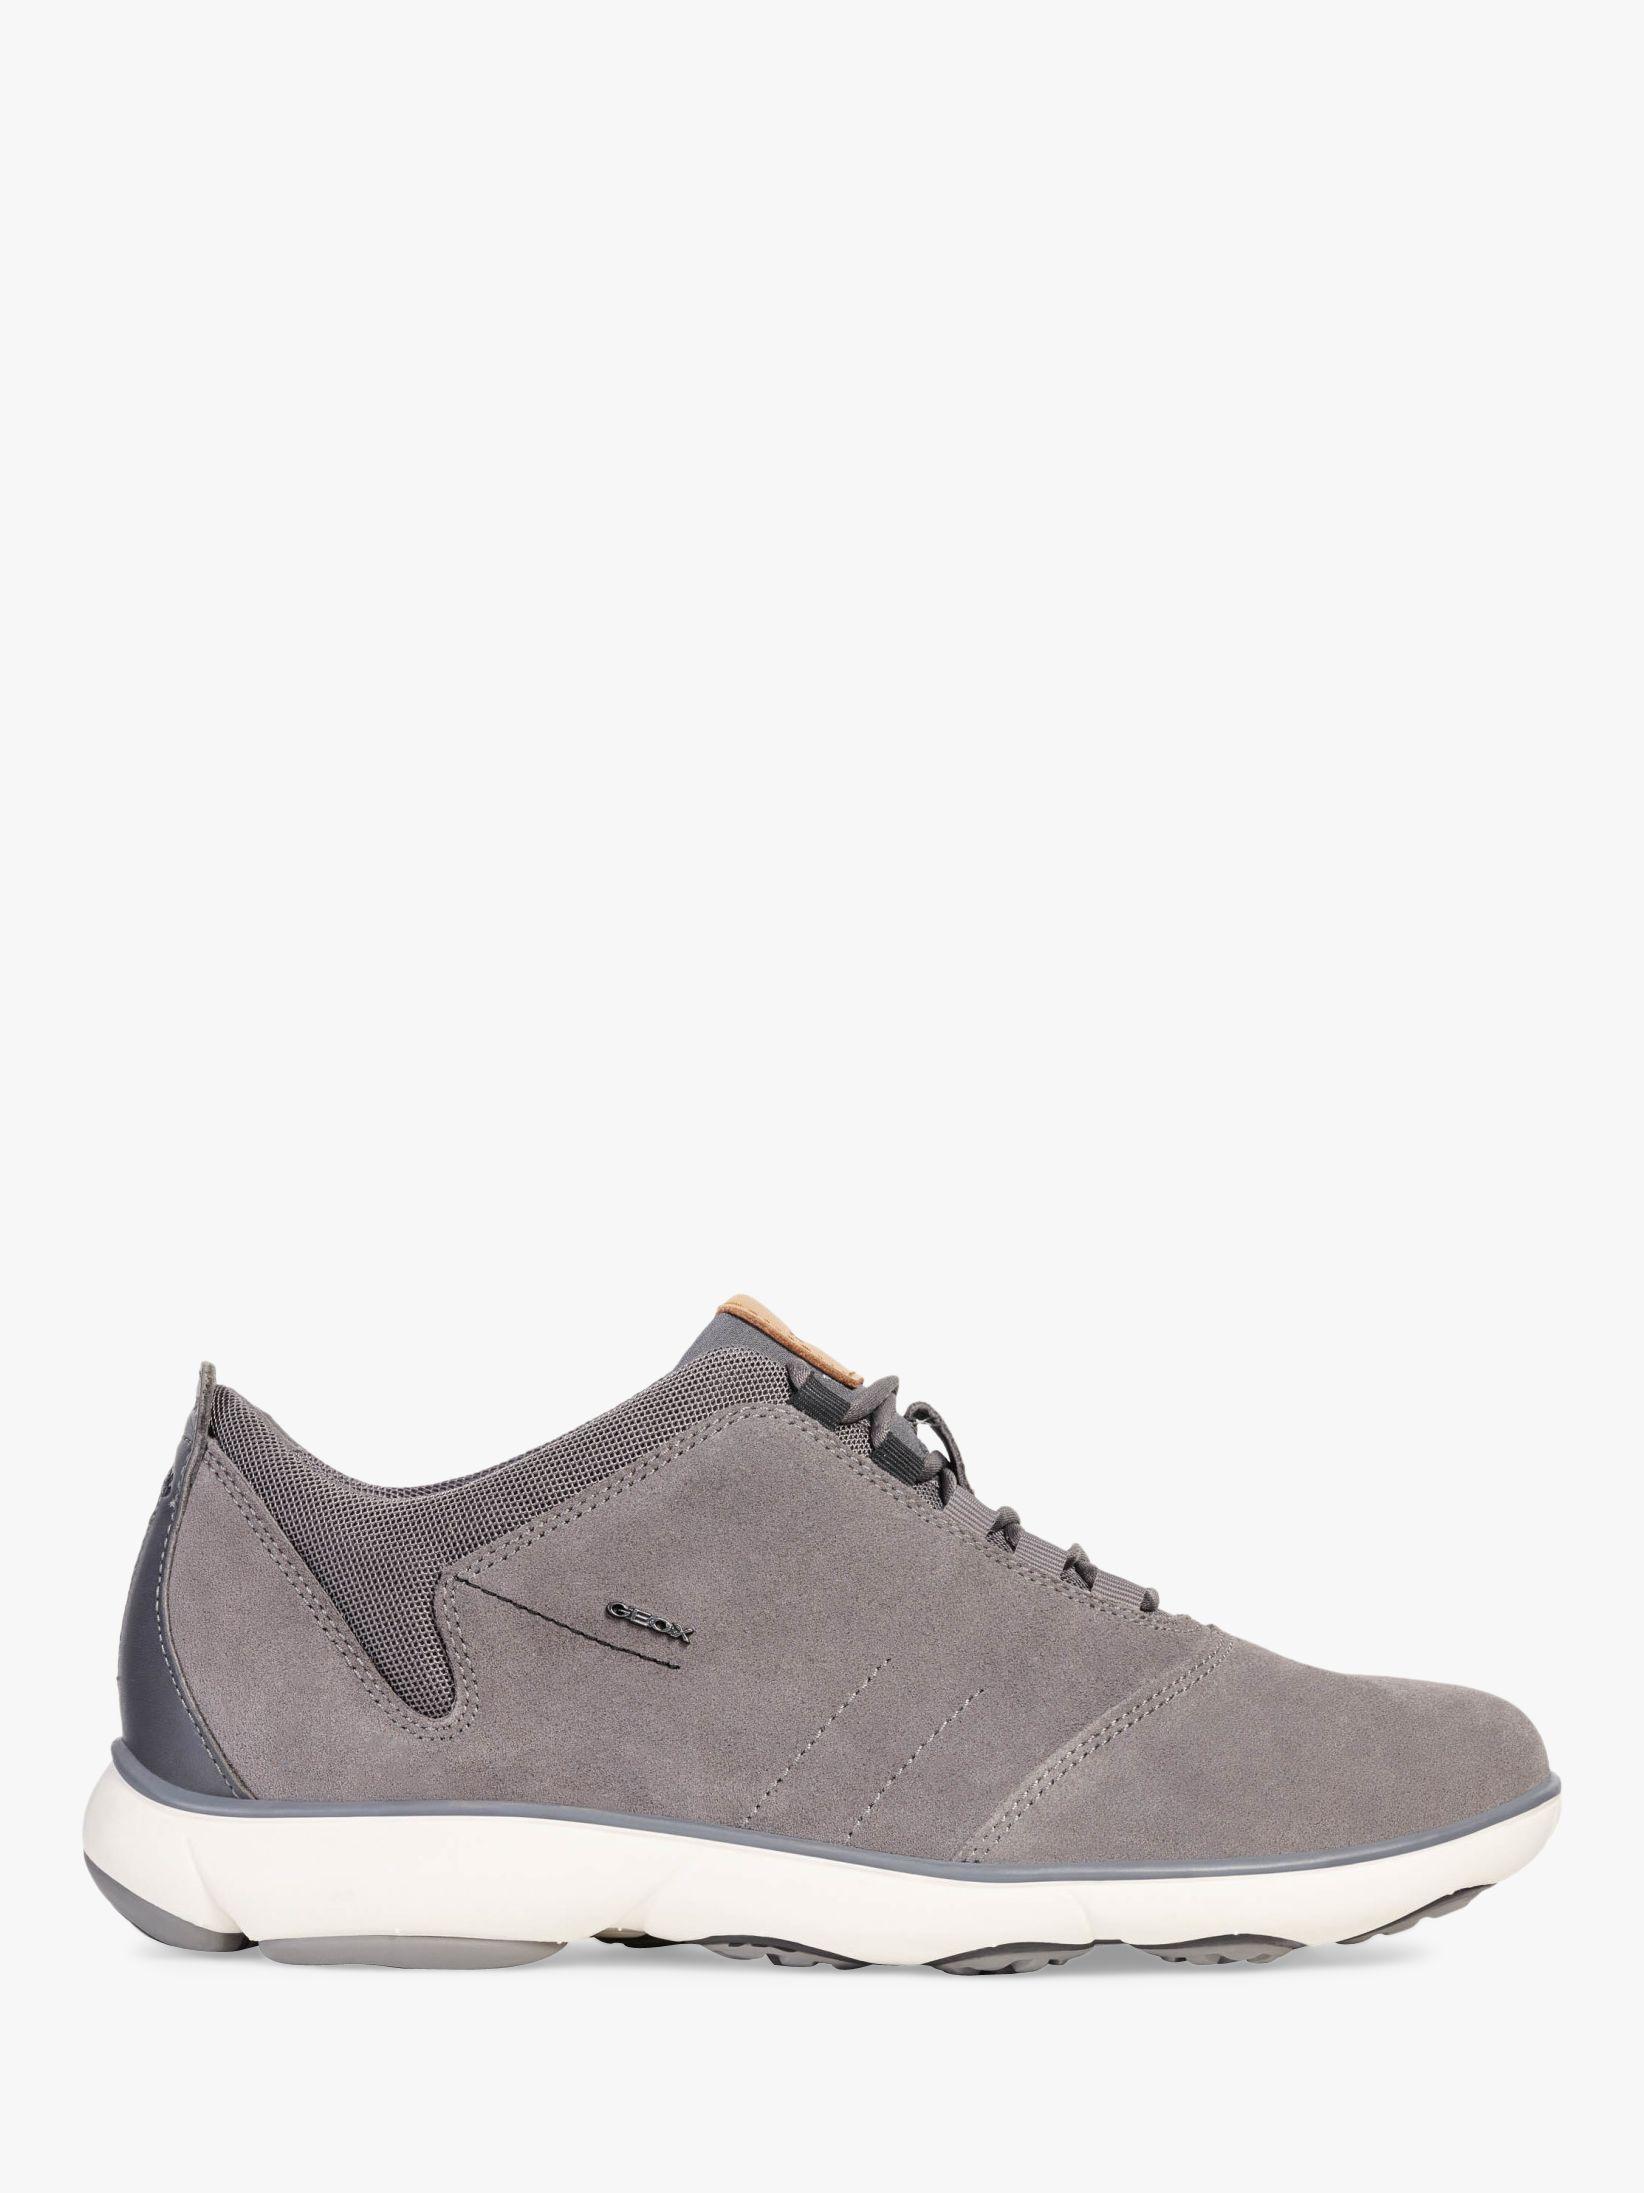 prezzo più basso 320b1 f1c7c Geox Nebula Trainers, Grey